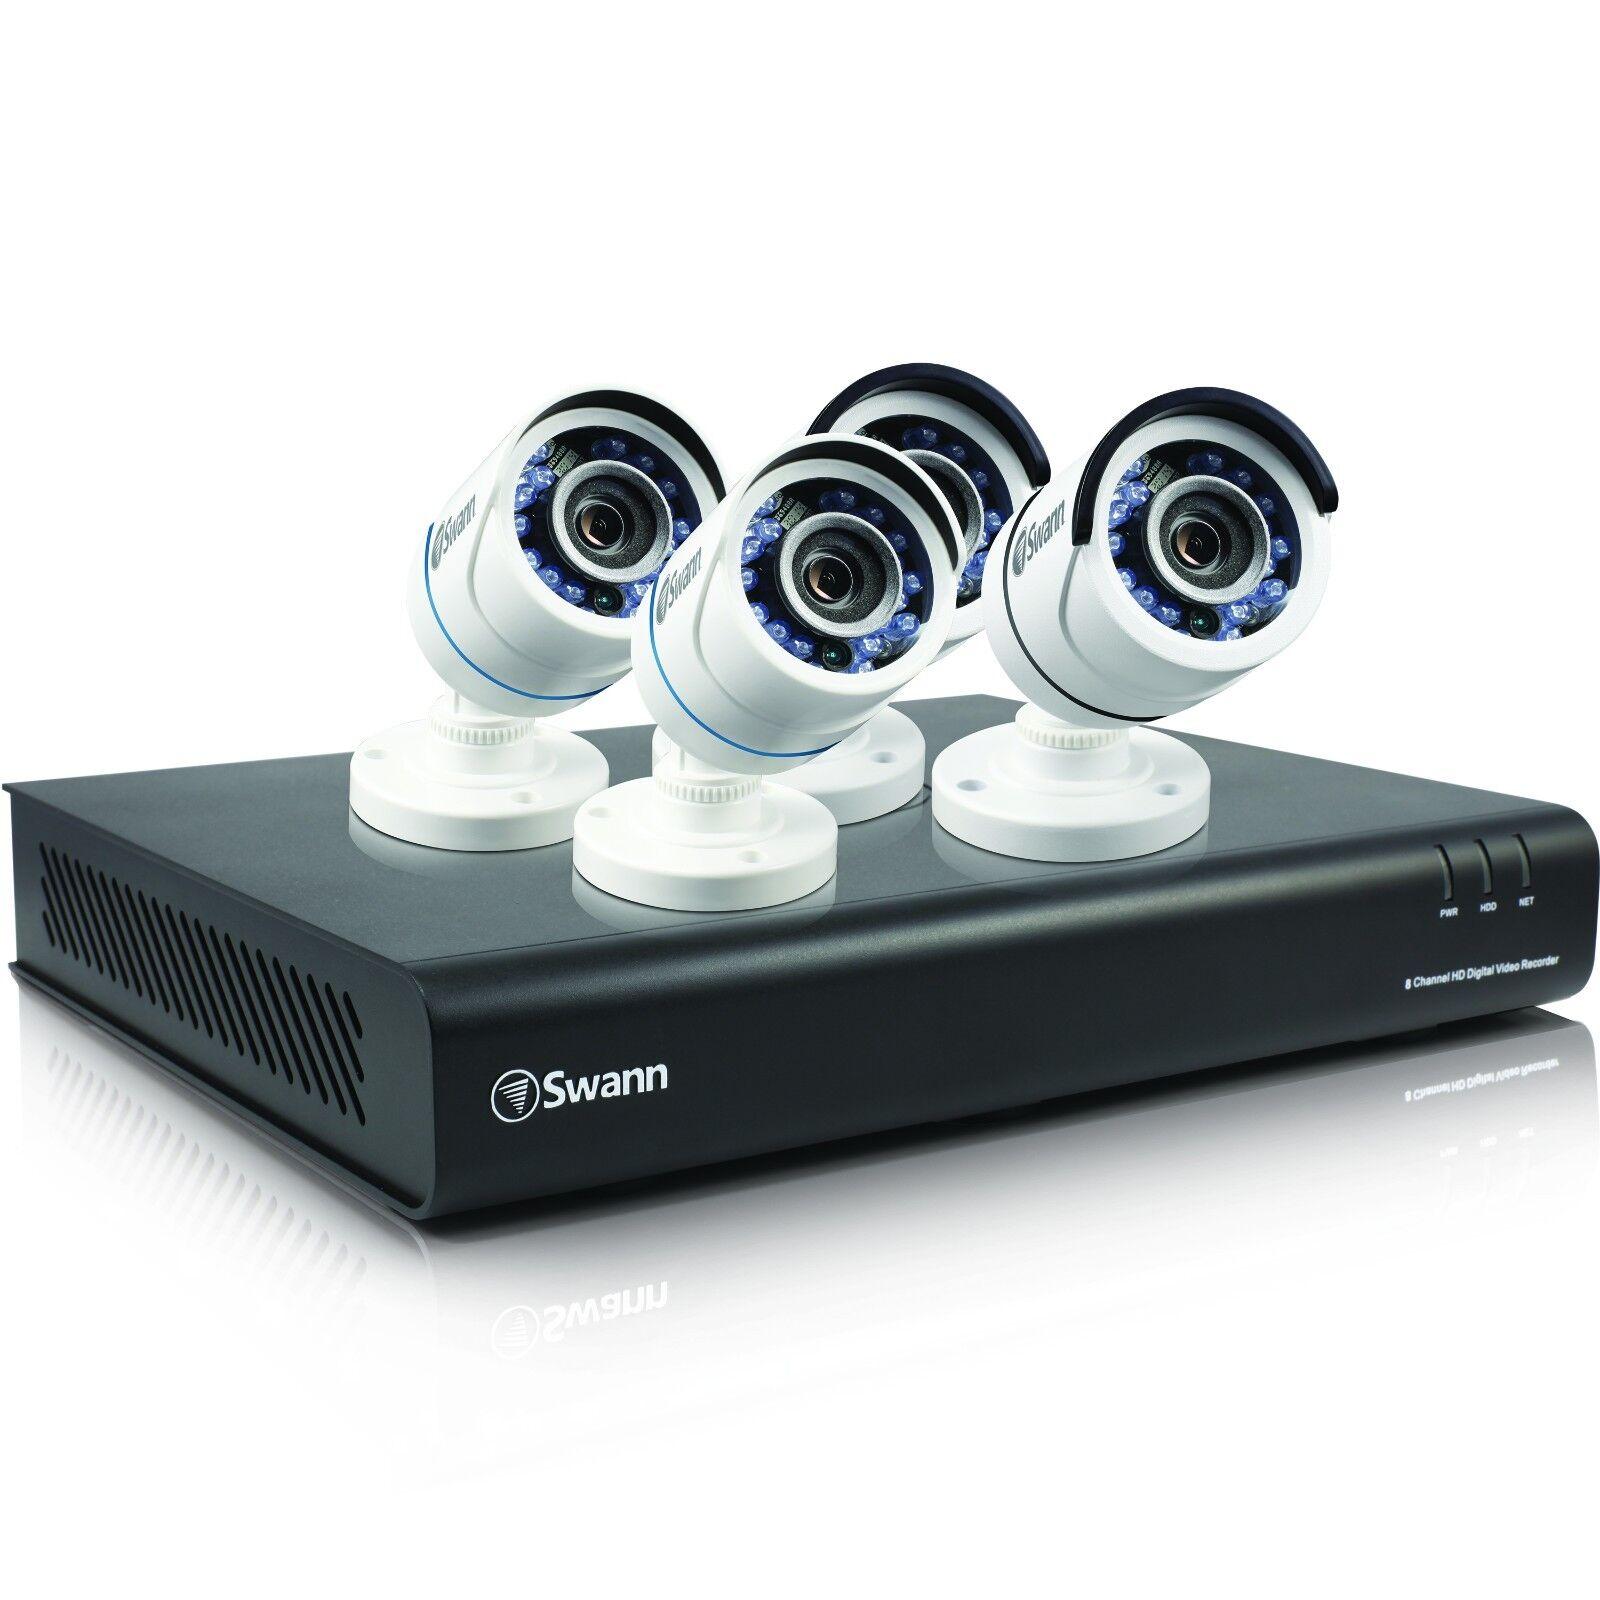 Security /Surveillances,eBay.com